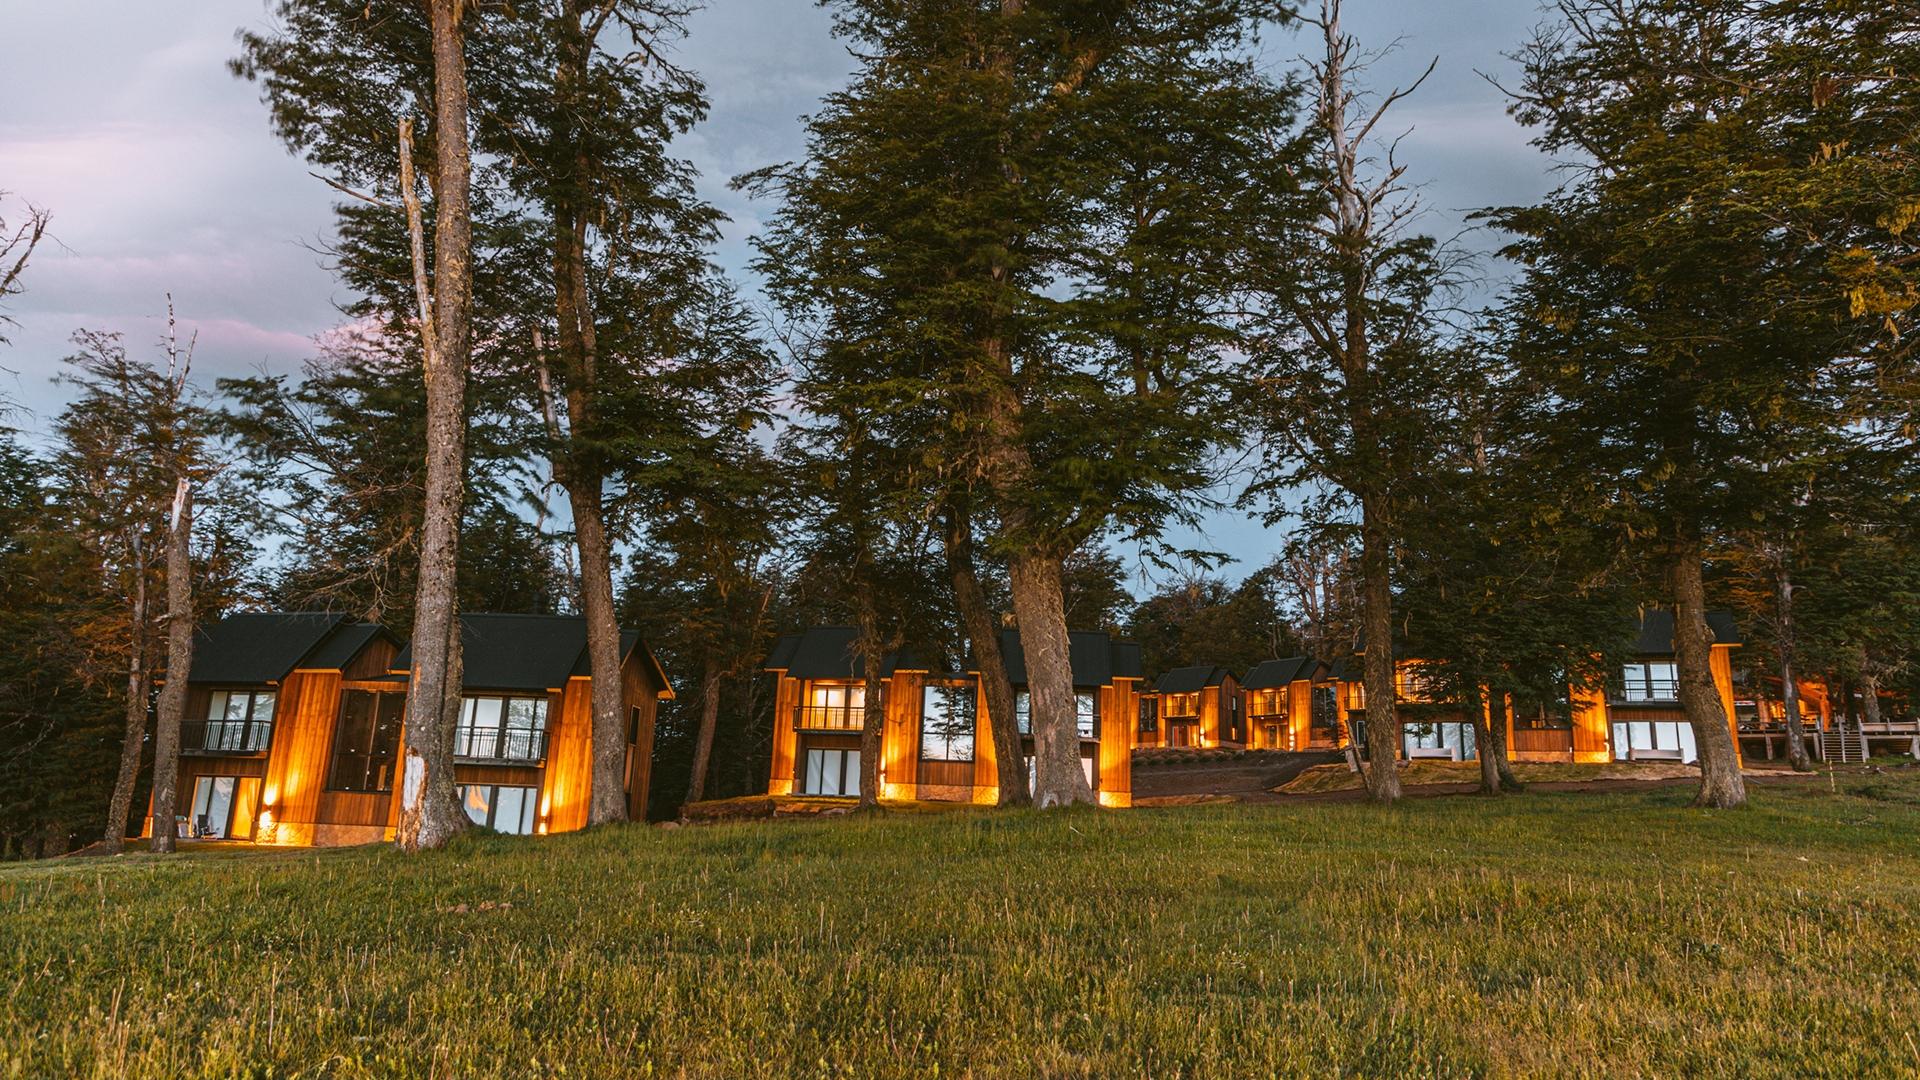 2 noches en El Refugio Ski & Summer Lodge